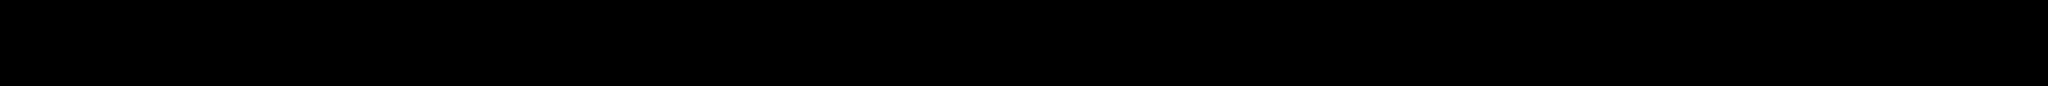 MONROE 6G91 18097 VGH Støtdemper